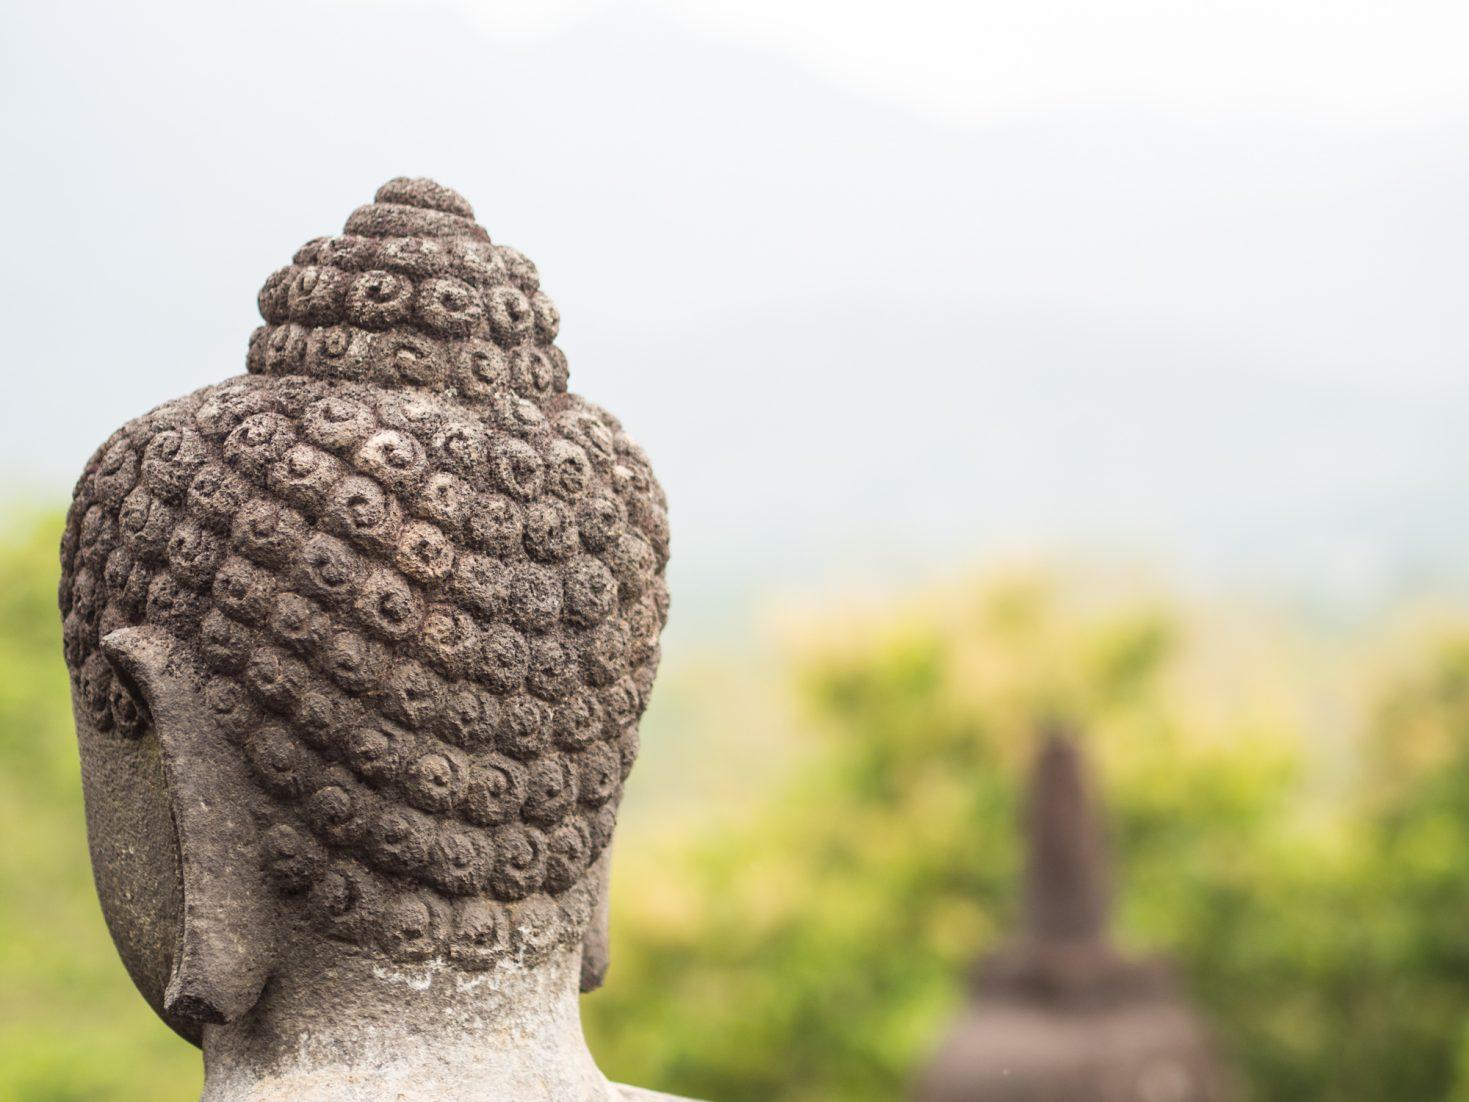 borobudur-temple-buddha